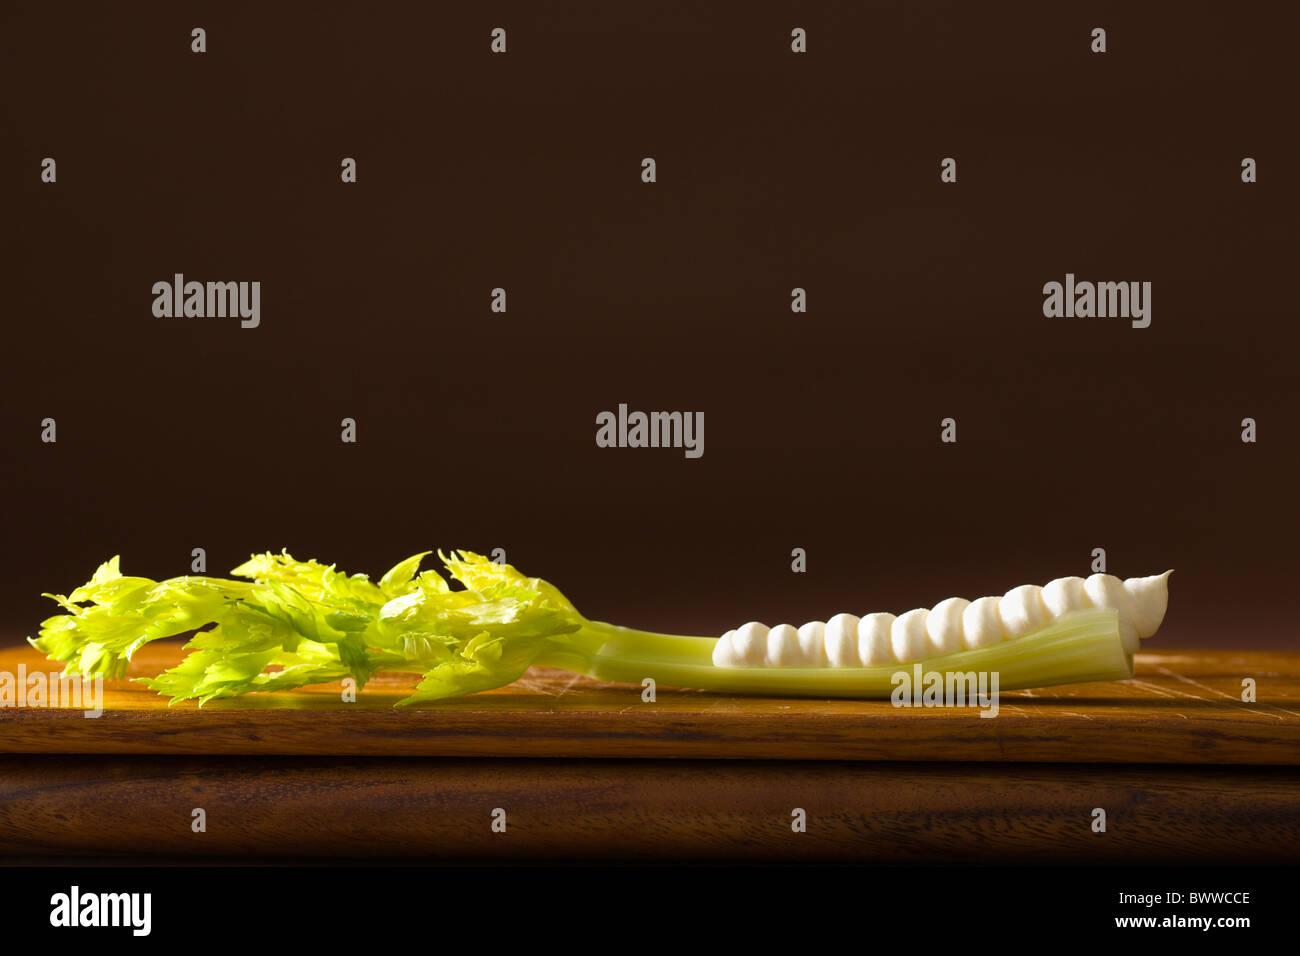 Ein Stängel Sellerie Herzens mit Frischkäse geleitet in die Kavität über ein Holzbrett. Stockbild